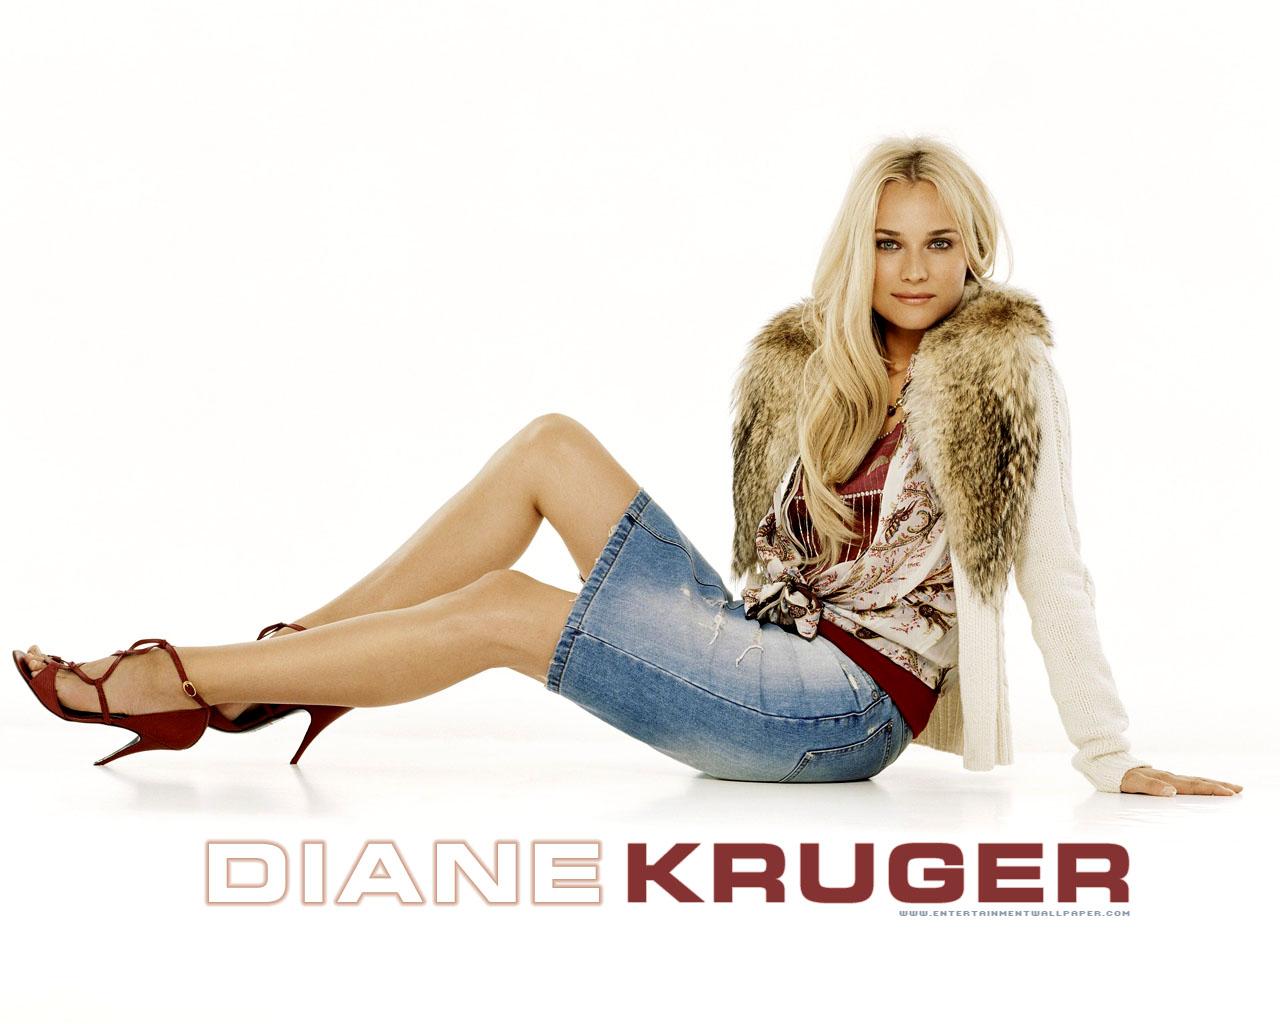 Guezeller Guezeli Diane Kruger ıN Birkac Ayakkabı Secimini Sizlerle